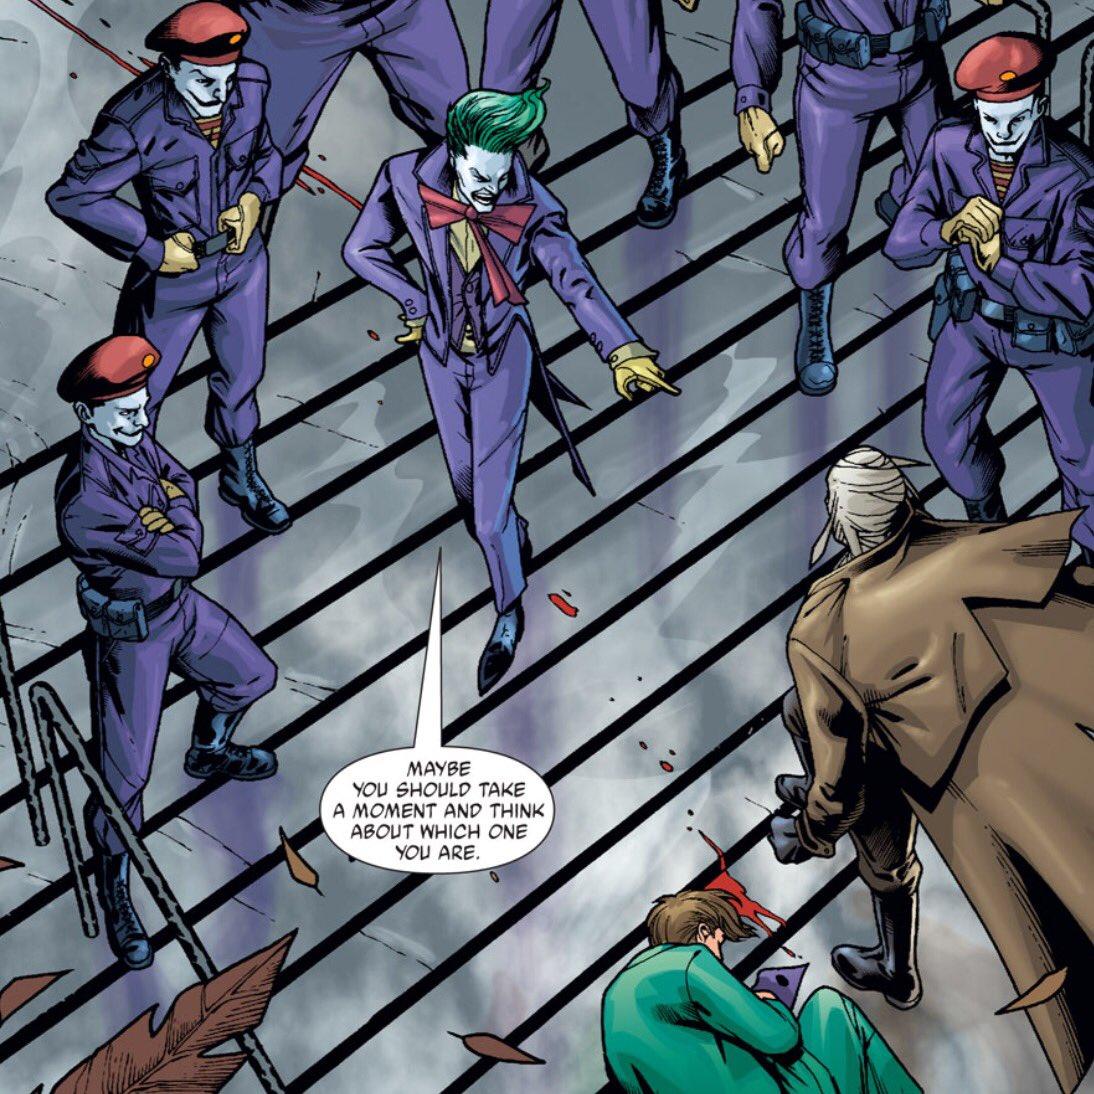 Best Of Batman On Twitter Batman Hush Returns The Joker And Hush Battle For Gotham City Kinda Boring